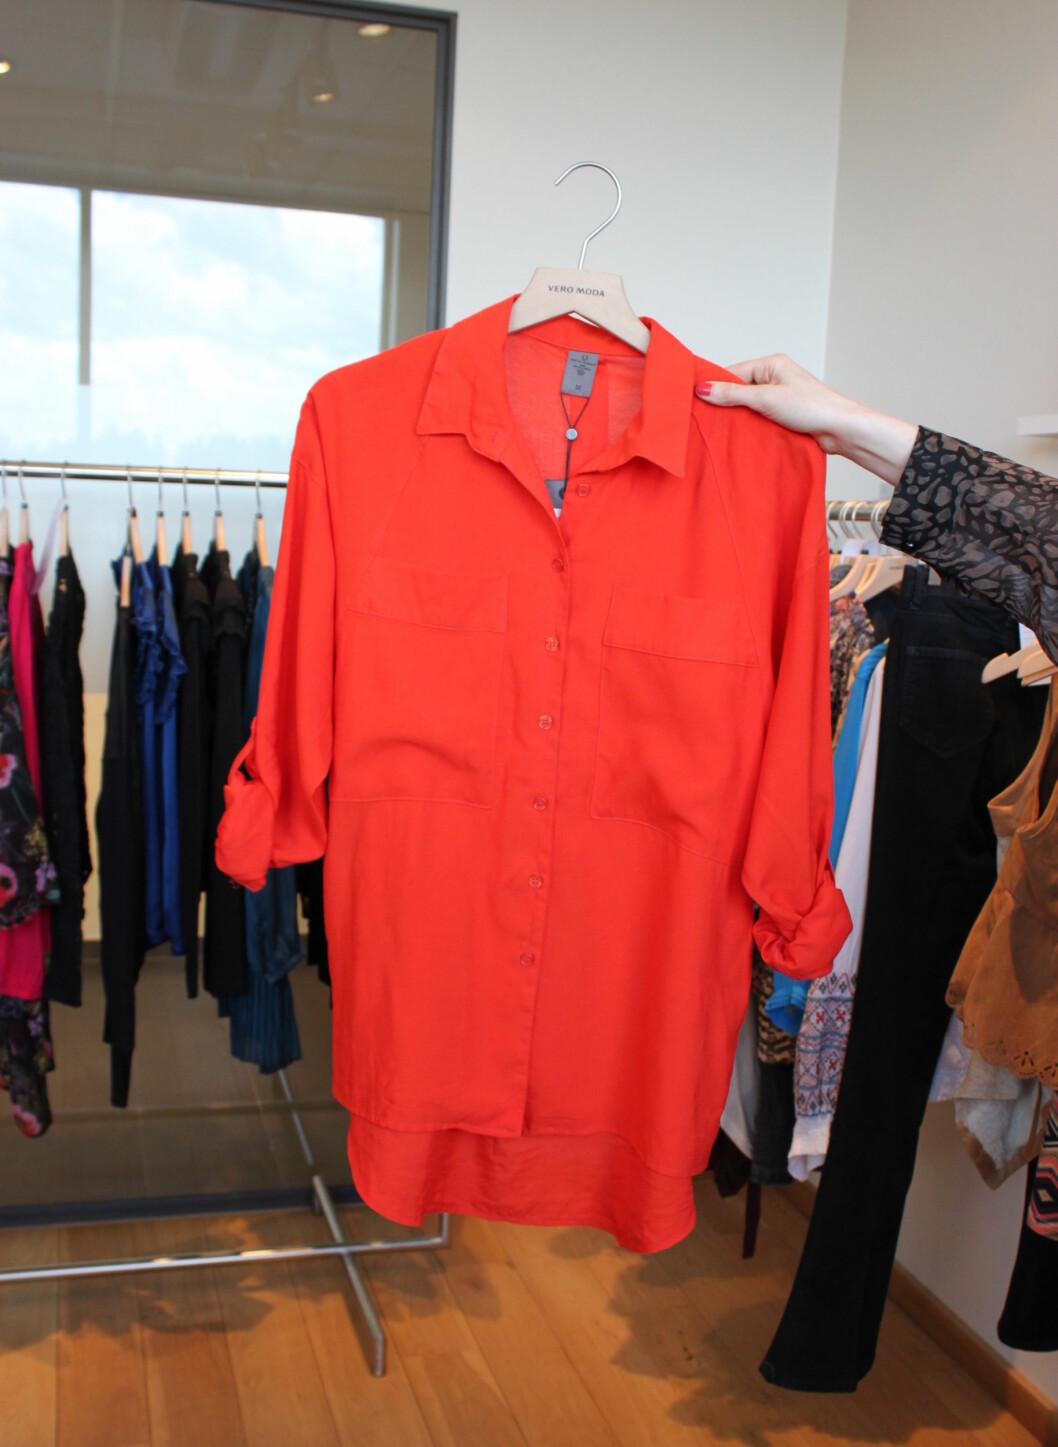 Malnes har stor tro på den knallfargede skjorten i høst. Foto: Tone Ra Pedersen